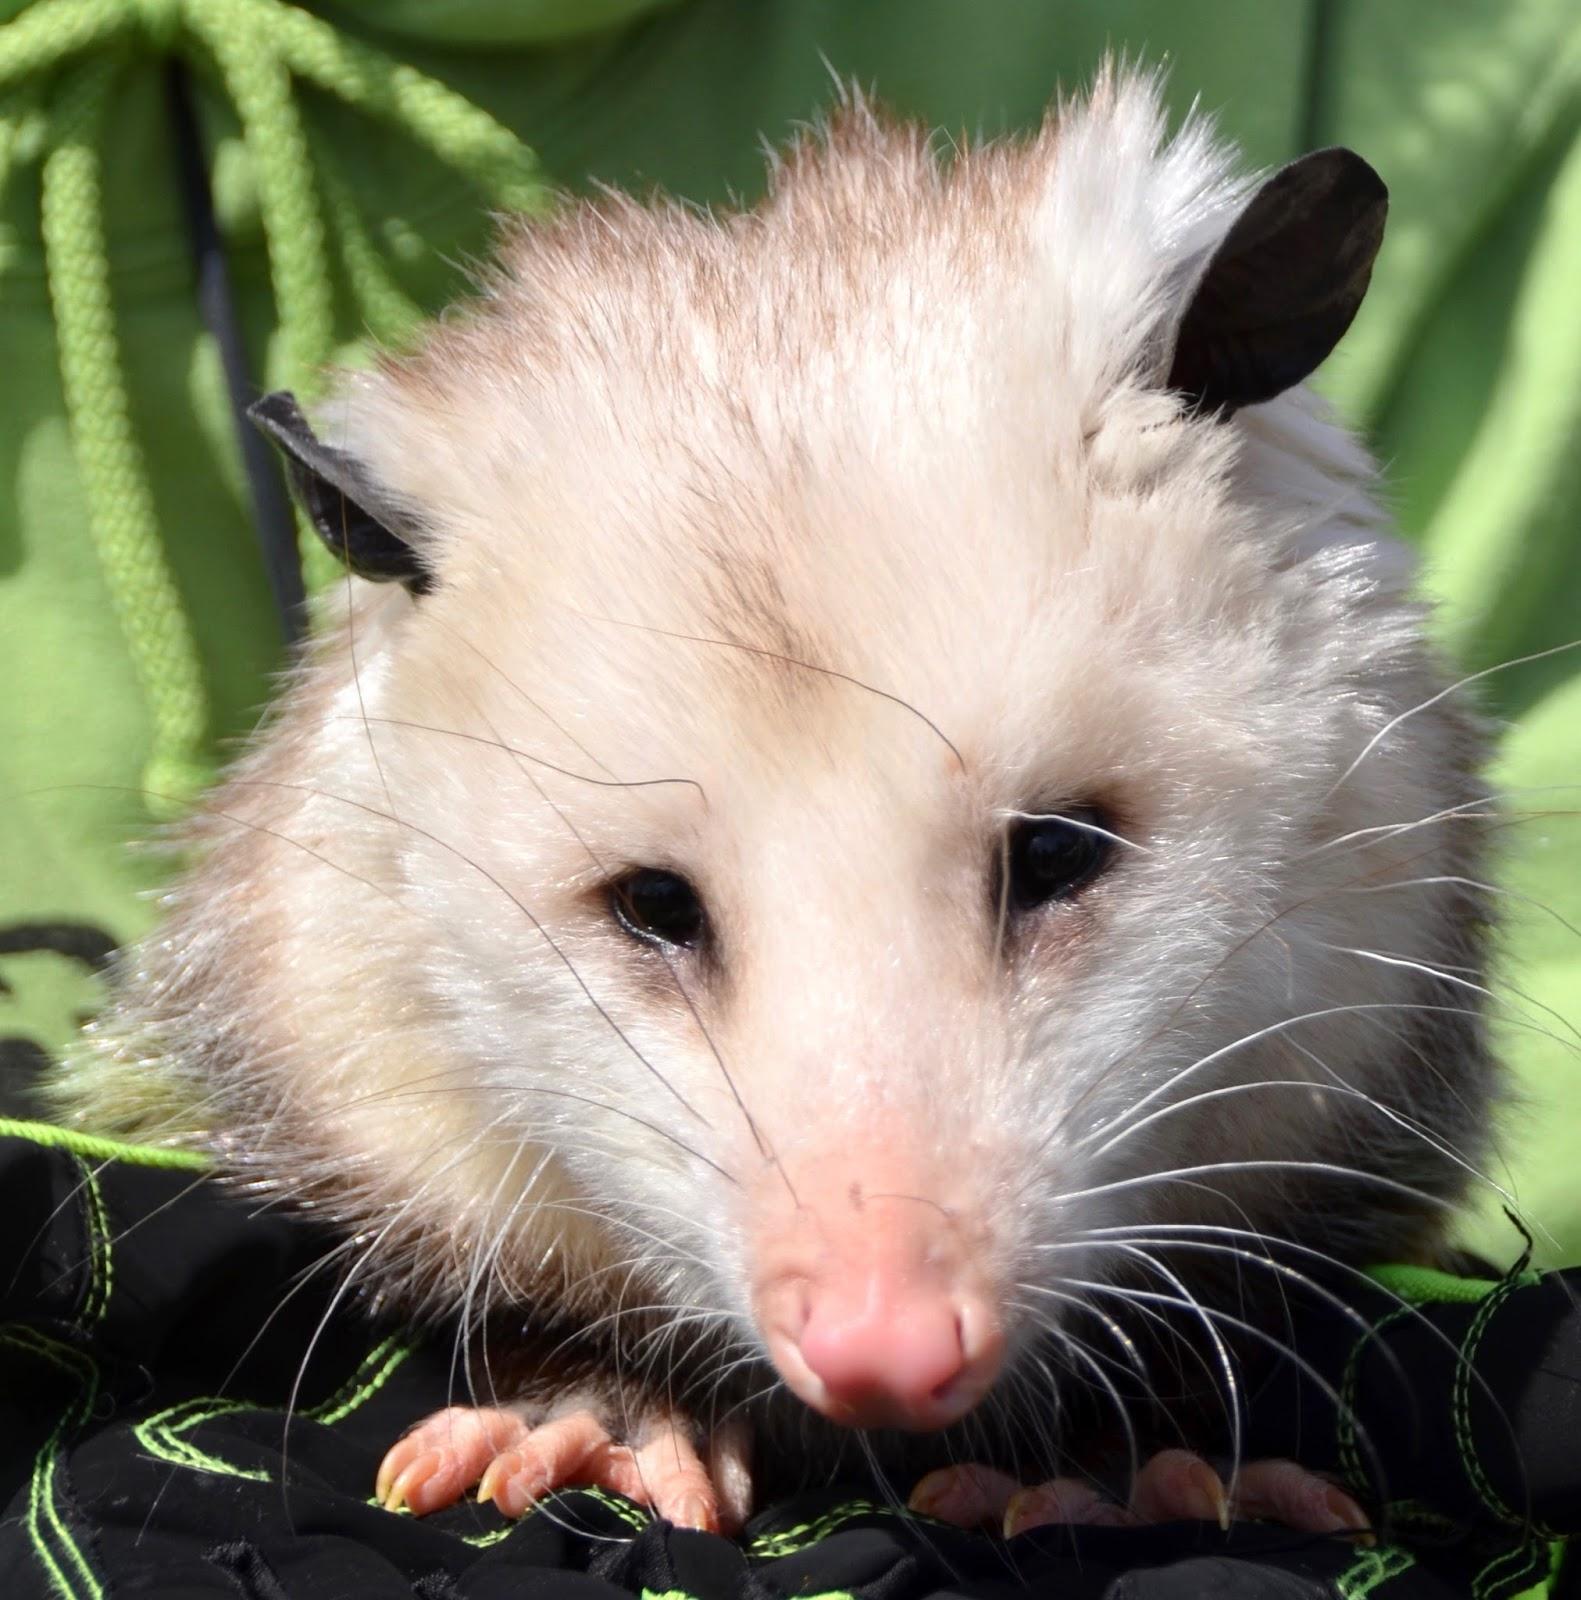 Opossum!